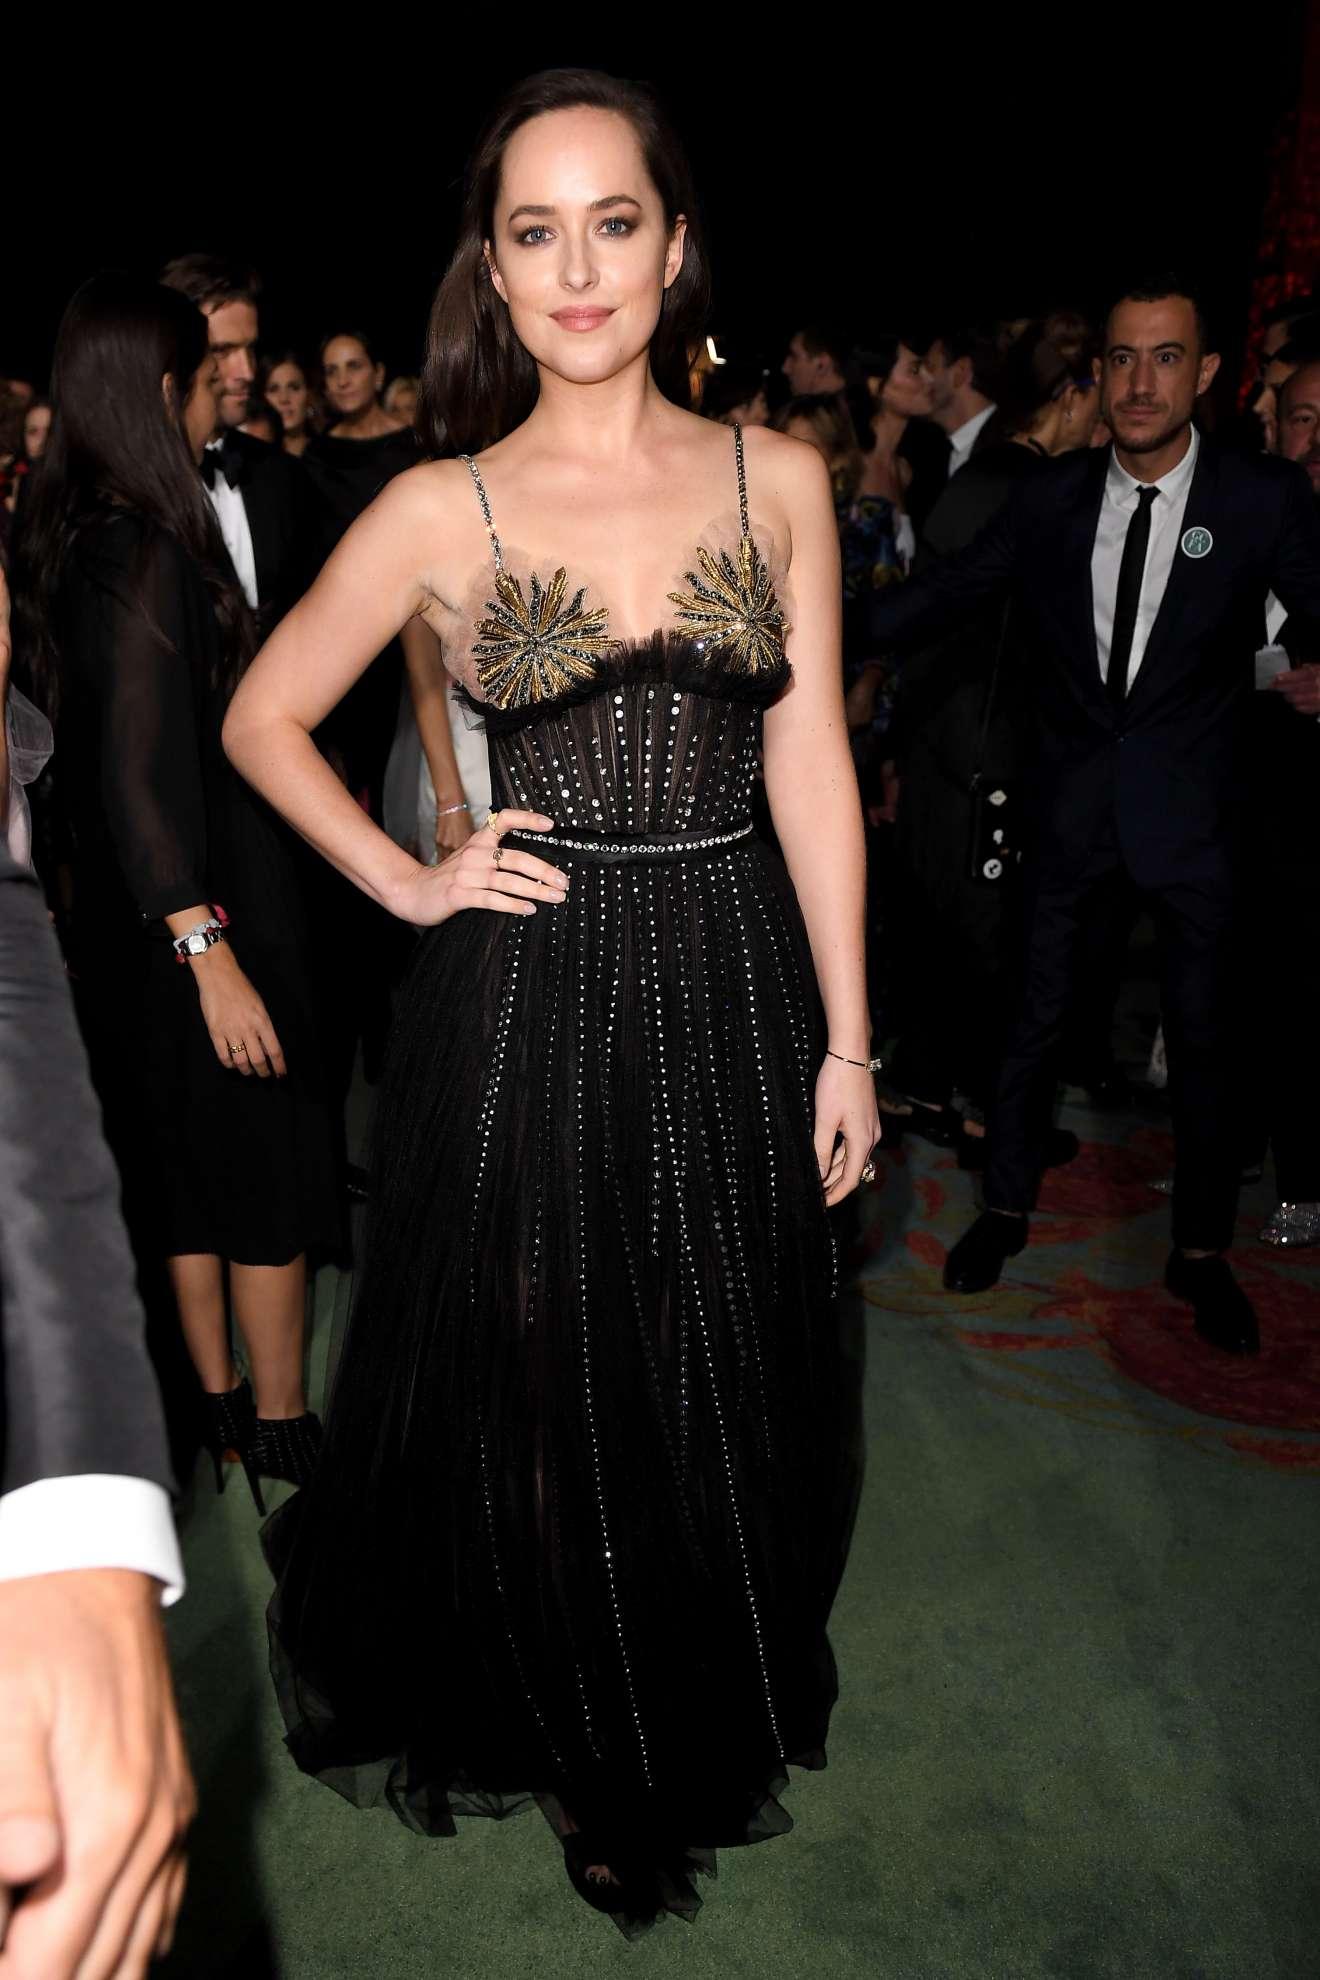 Dakota Johnson Green Carpet 2017 Fashion Awards In Milan